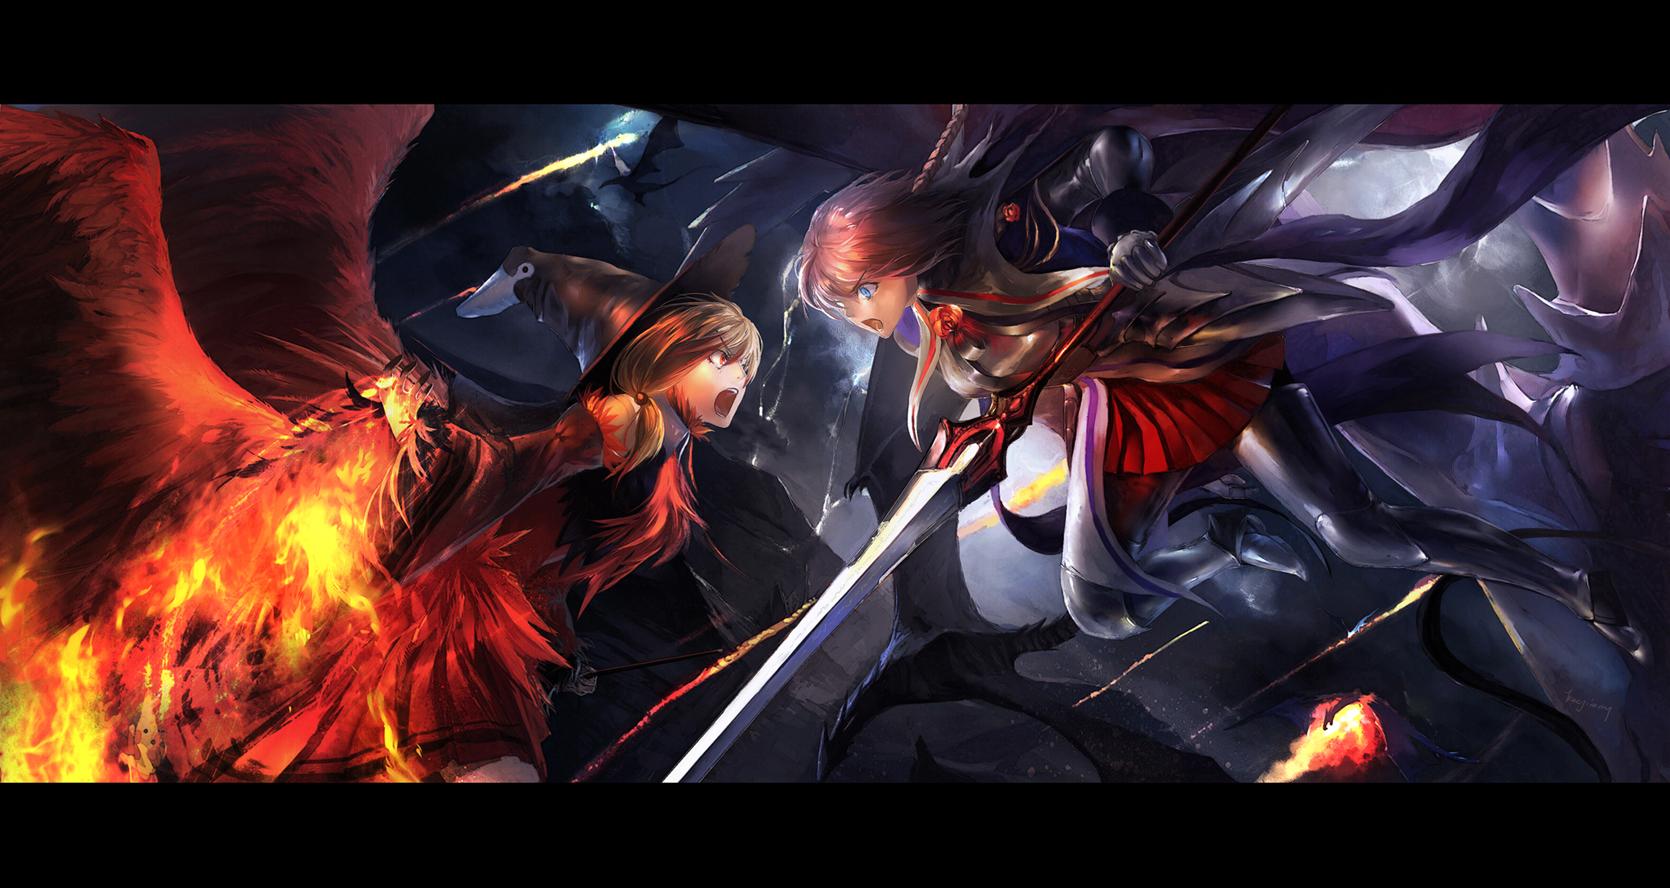 Epic anime wallpaper wallpapersafari - Wallpaper anime hd untuk pc ...